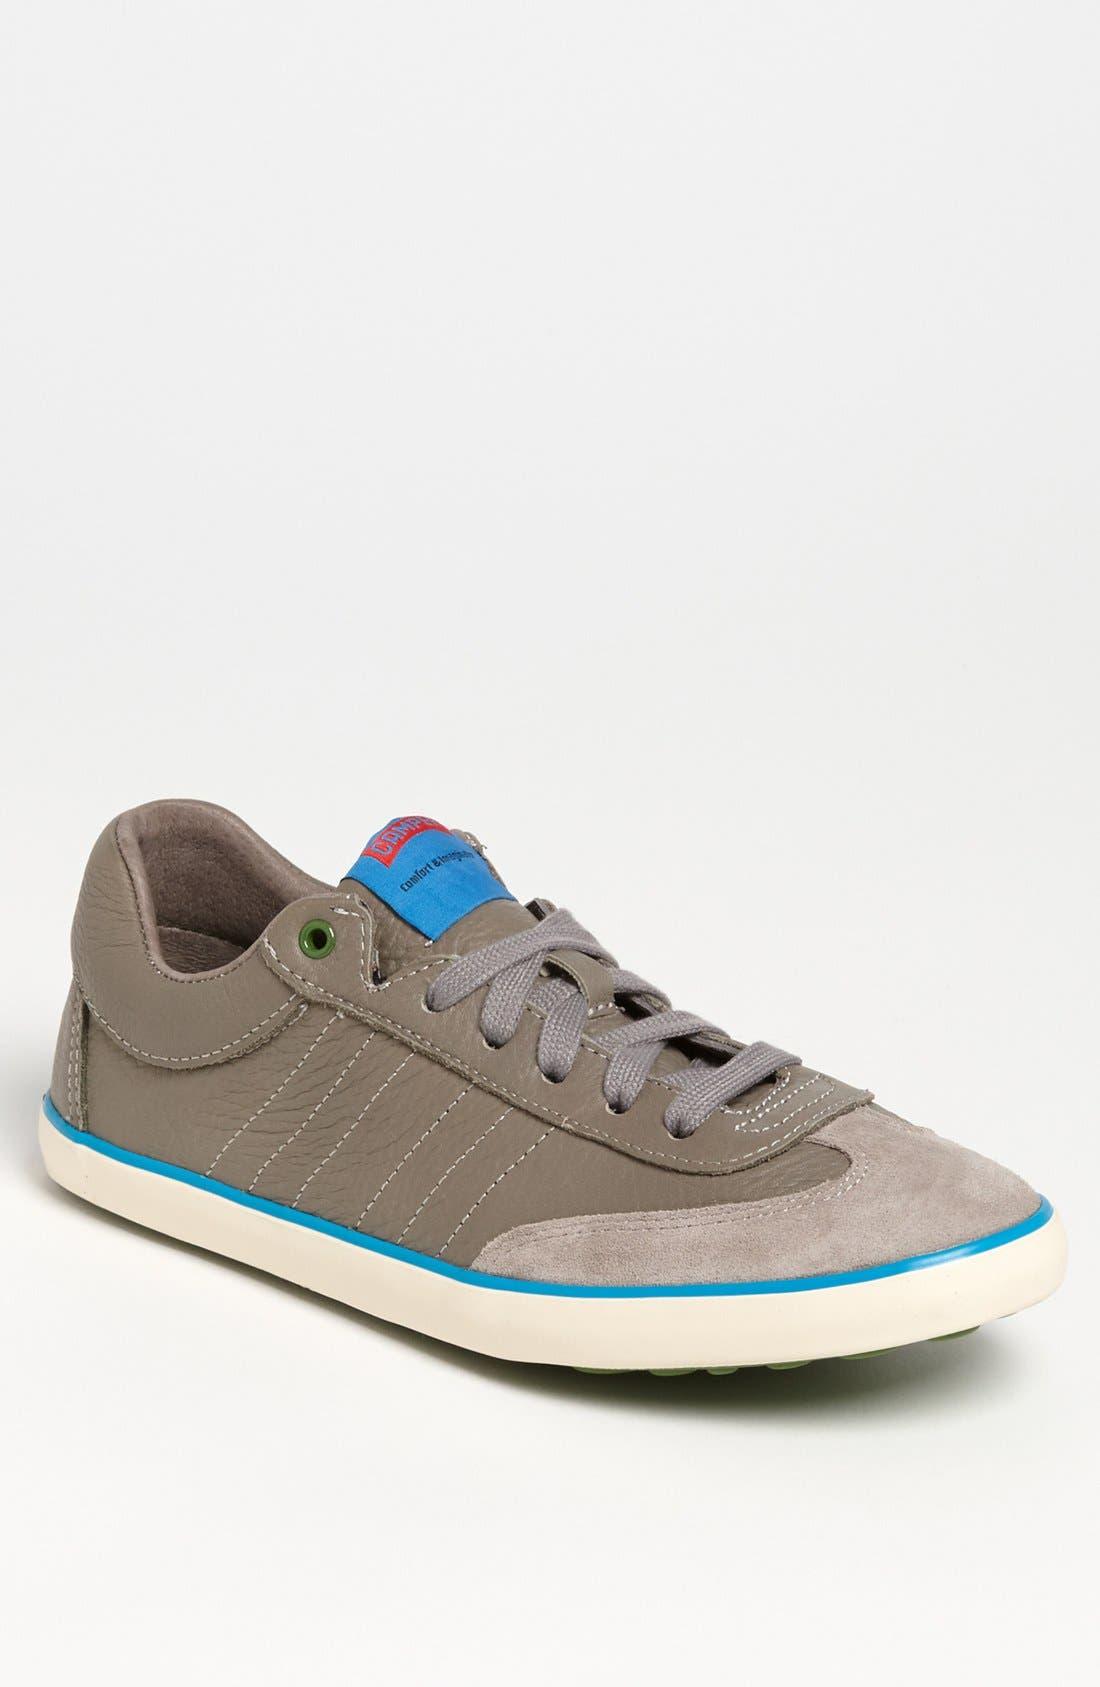 Alternate Image 1 Selected - Camper 'Pelotas Persil' Sneaker